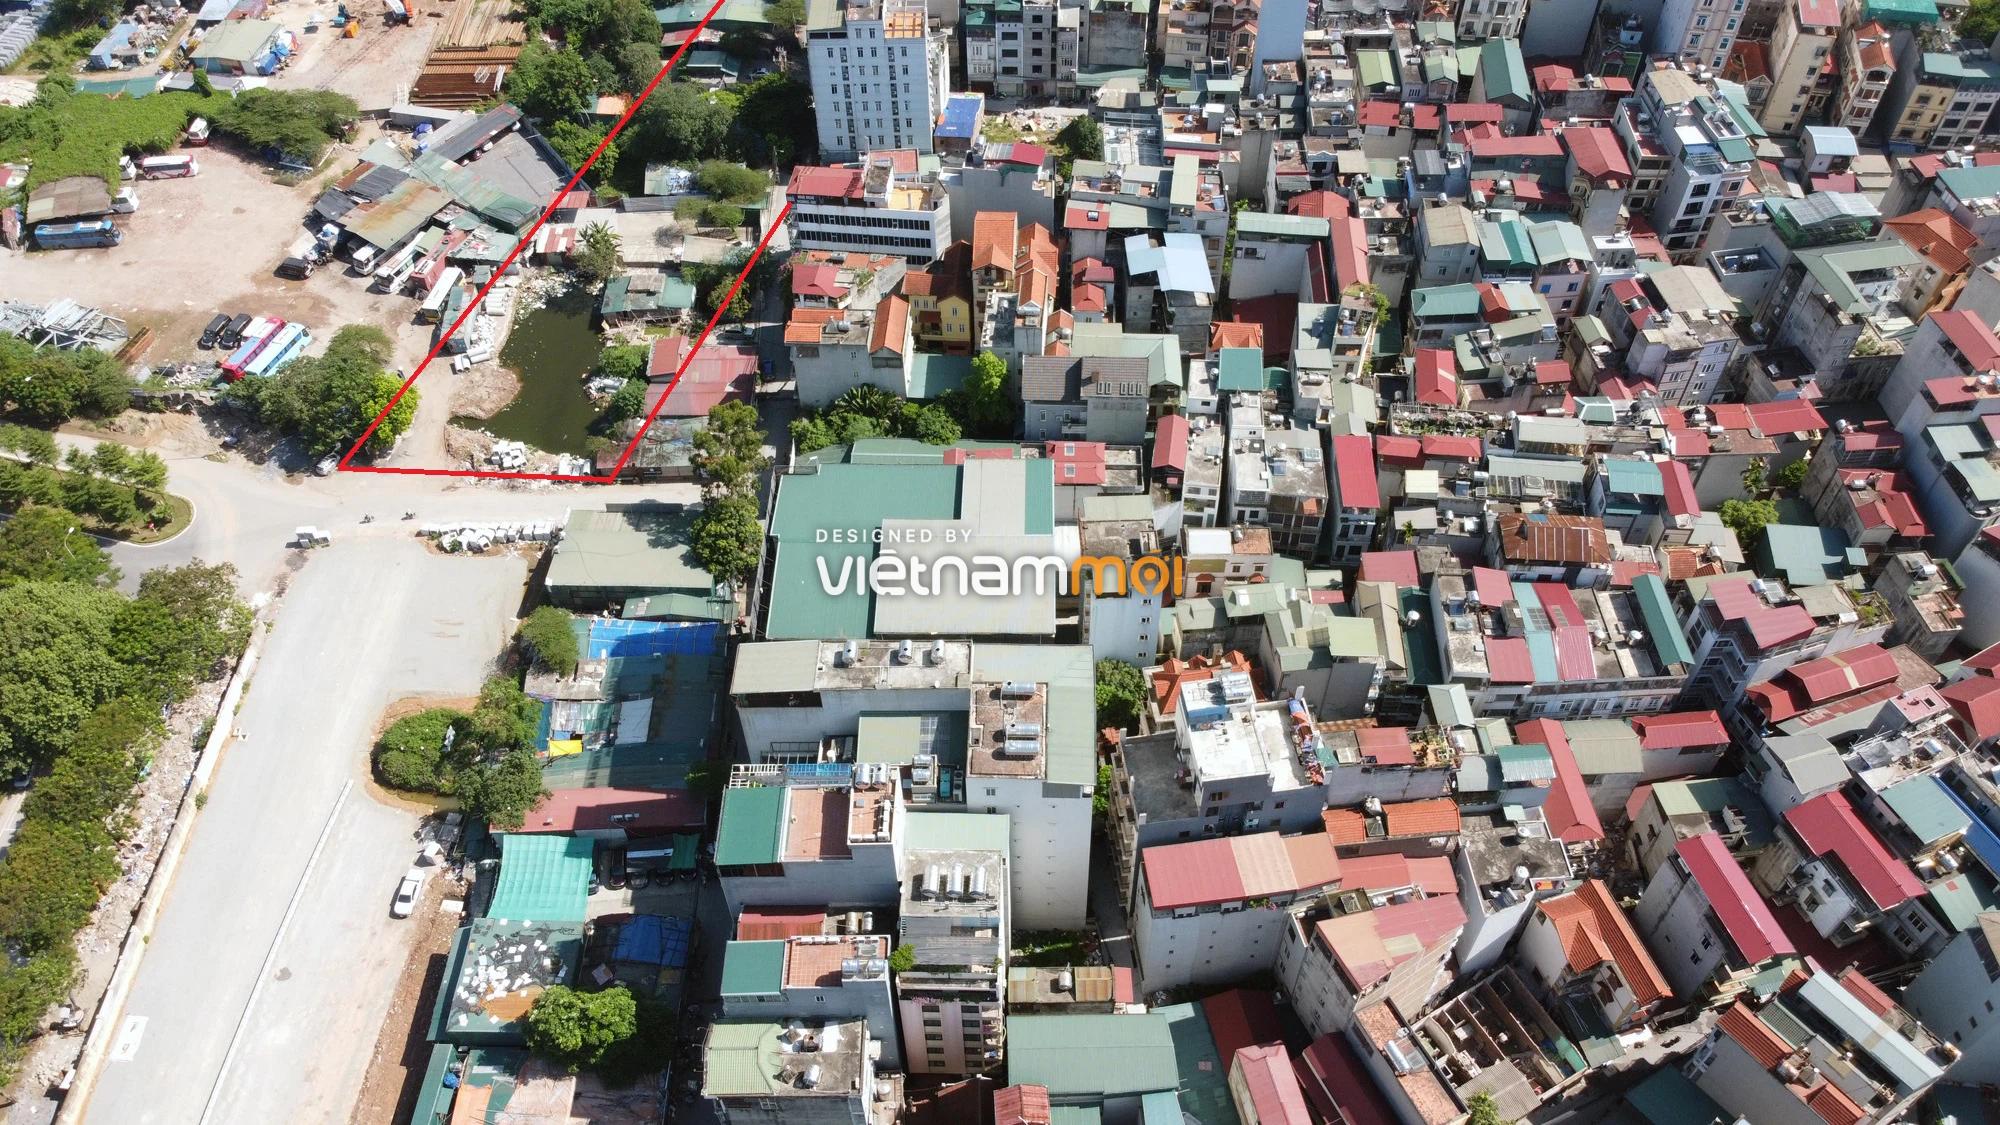 Những khu đất sắp thu hồi để mở đường ở phường Mỹ Đình 1, Nam Từ Liêm, Hà Nội (phần 2) - Ảnh 4.